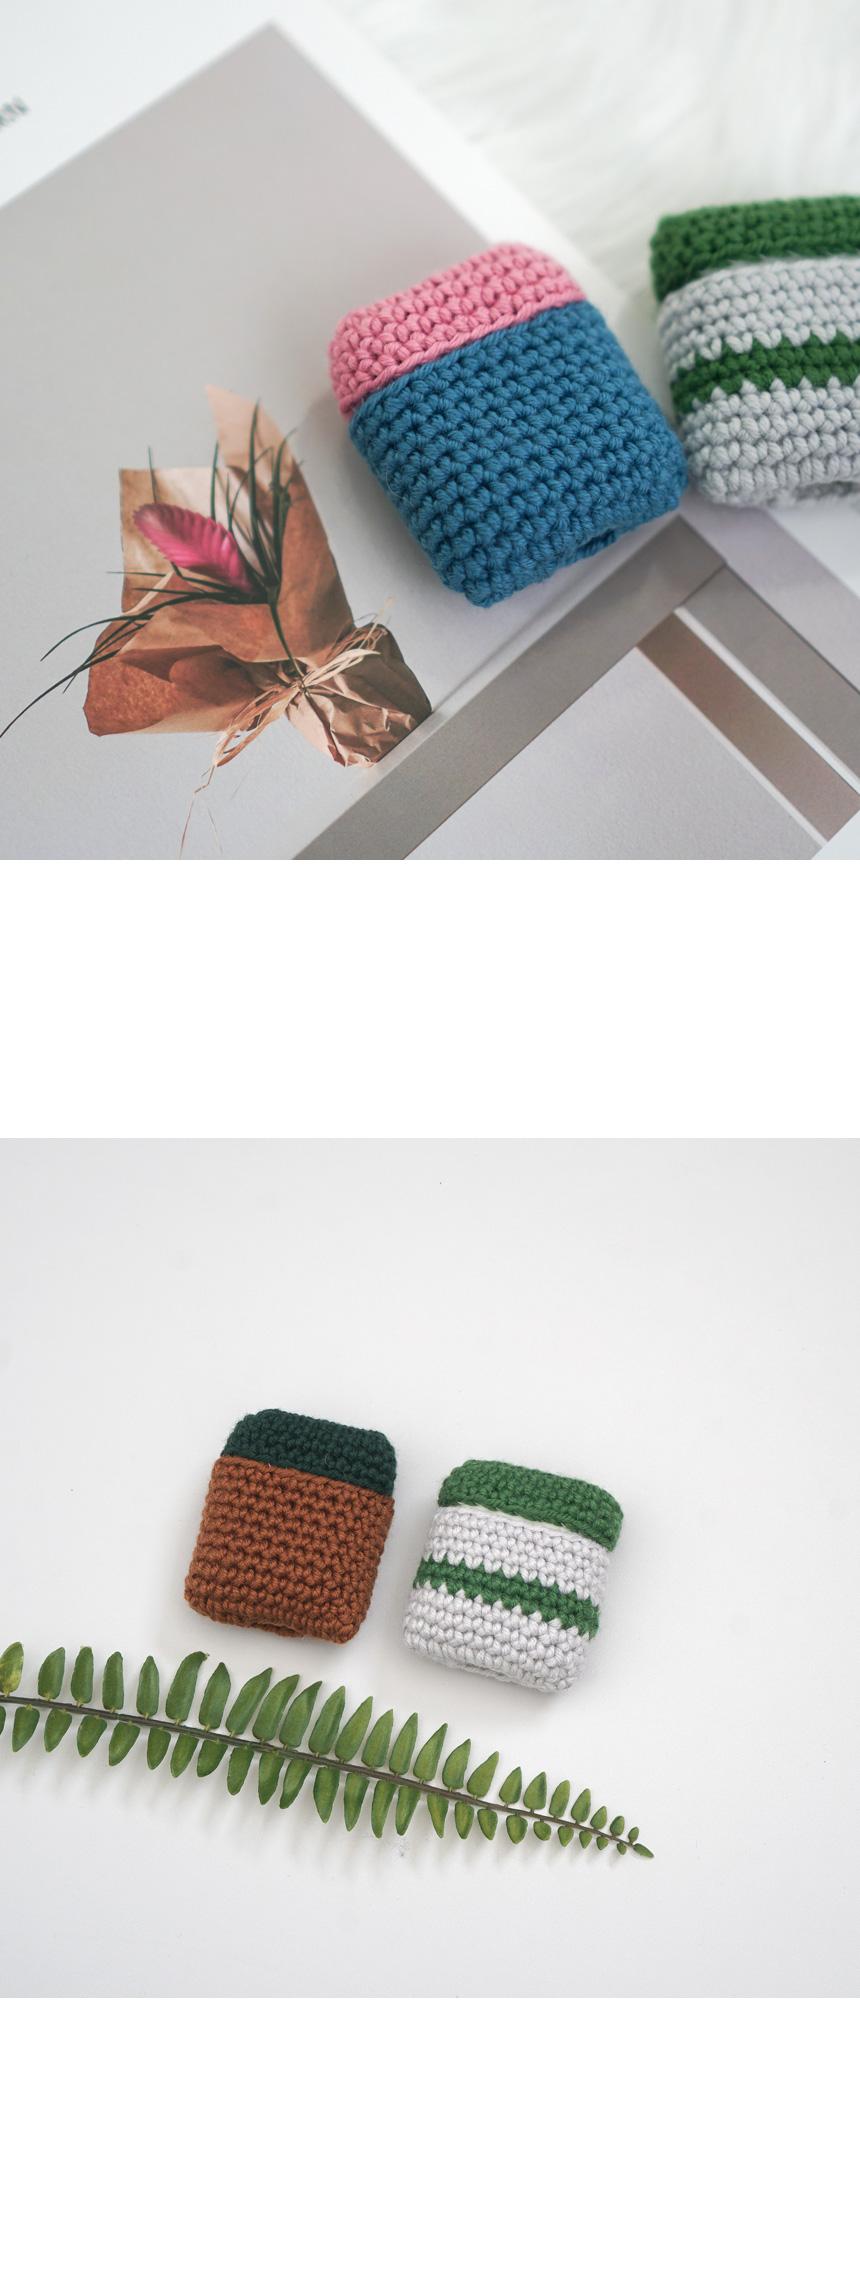 젤라또 에어팟 케이스 - 코바늘 키트 - 슬로우모먼츠, 16,000원, 뜨개질, 소품 패키지